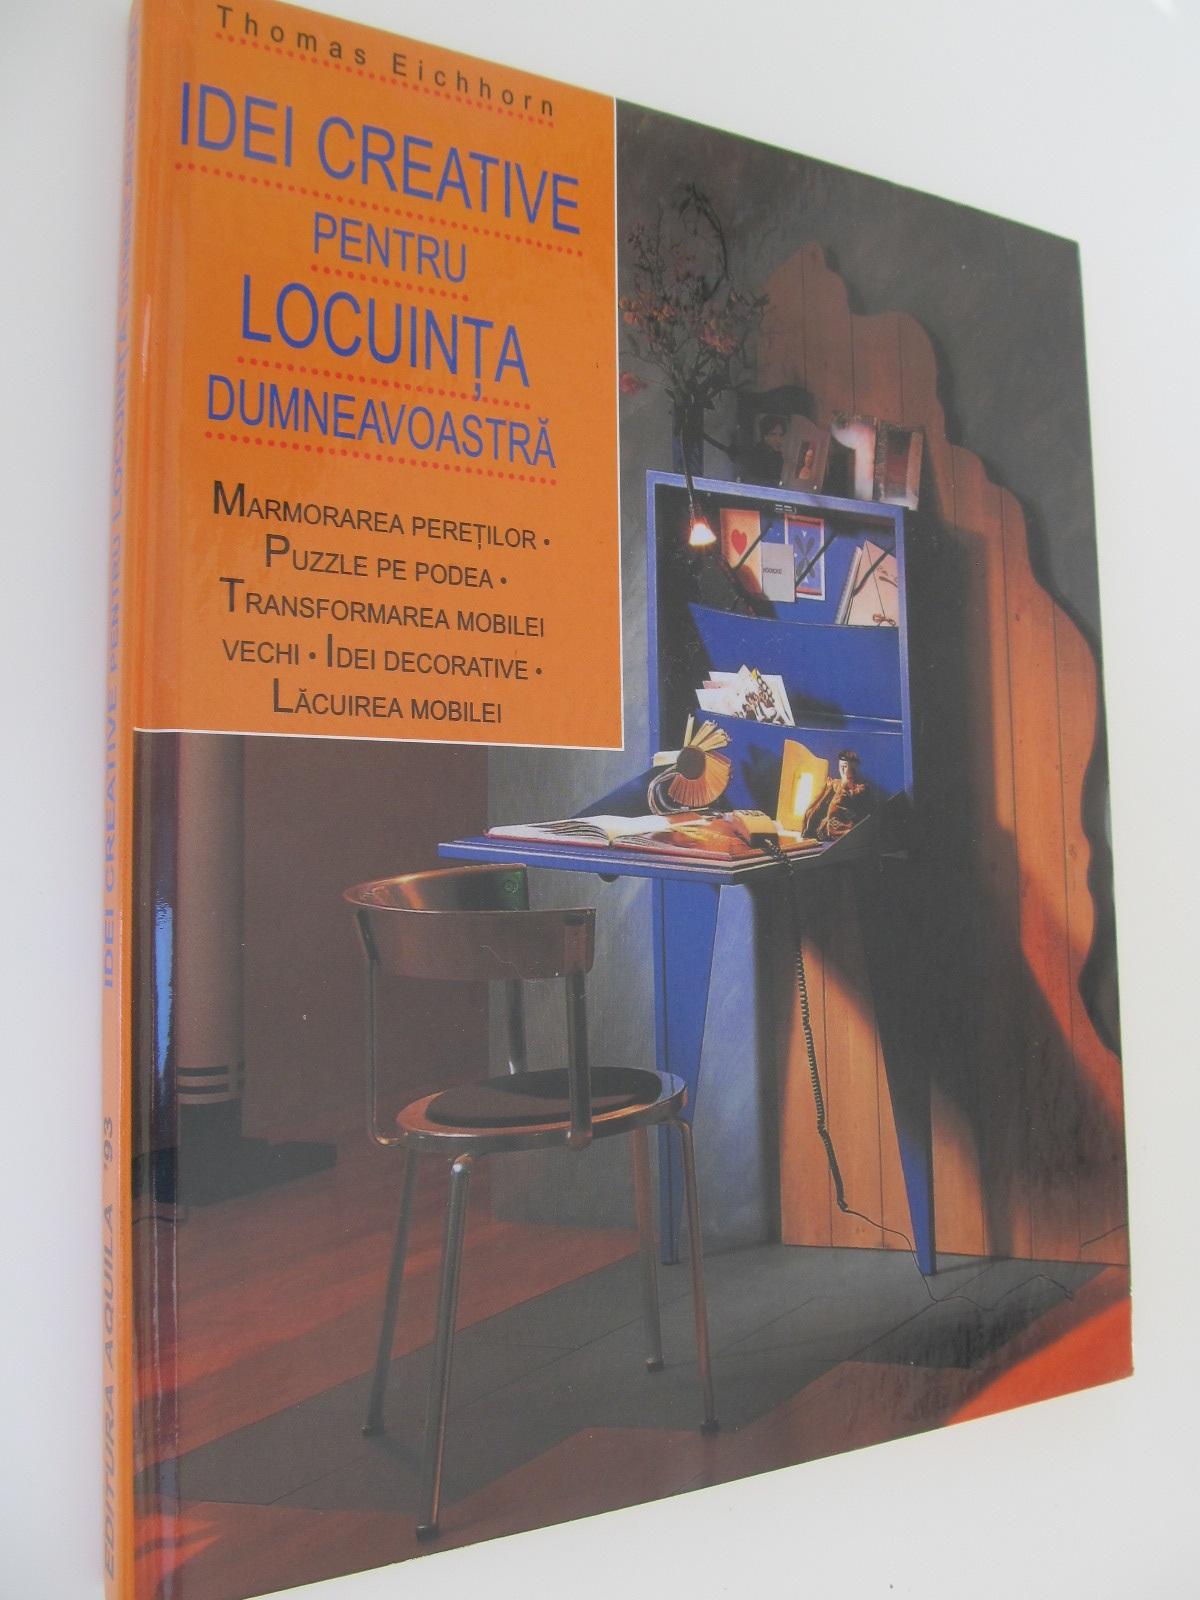 Idei creative pentru locuinta dumneavoastra - Thomas Eichhorn | Detalii carte